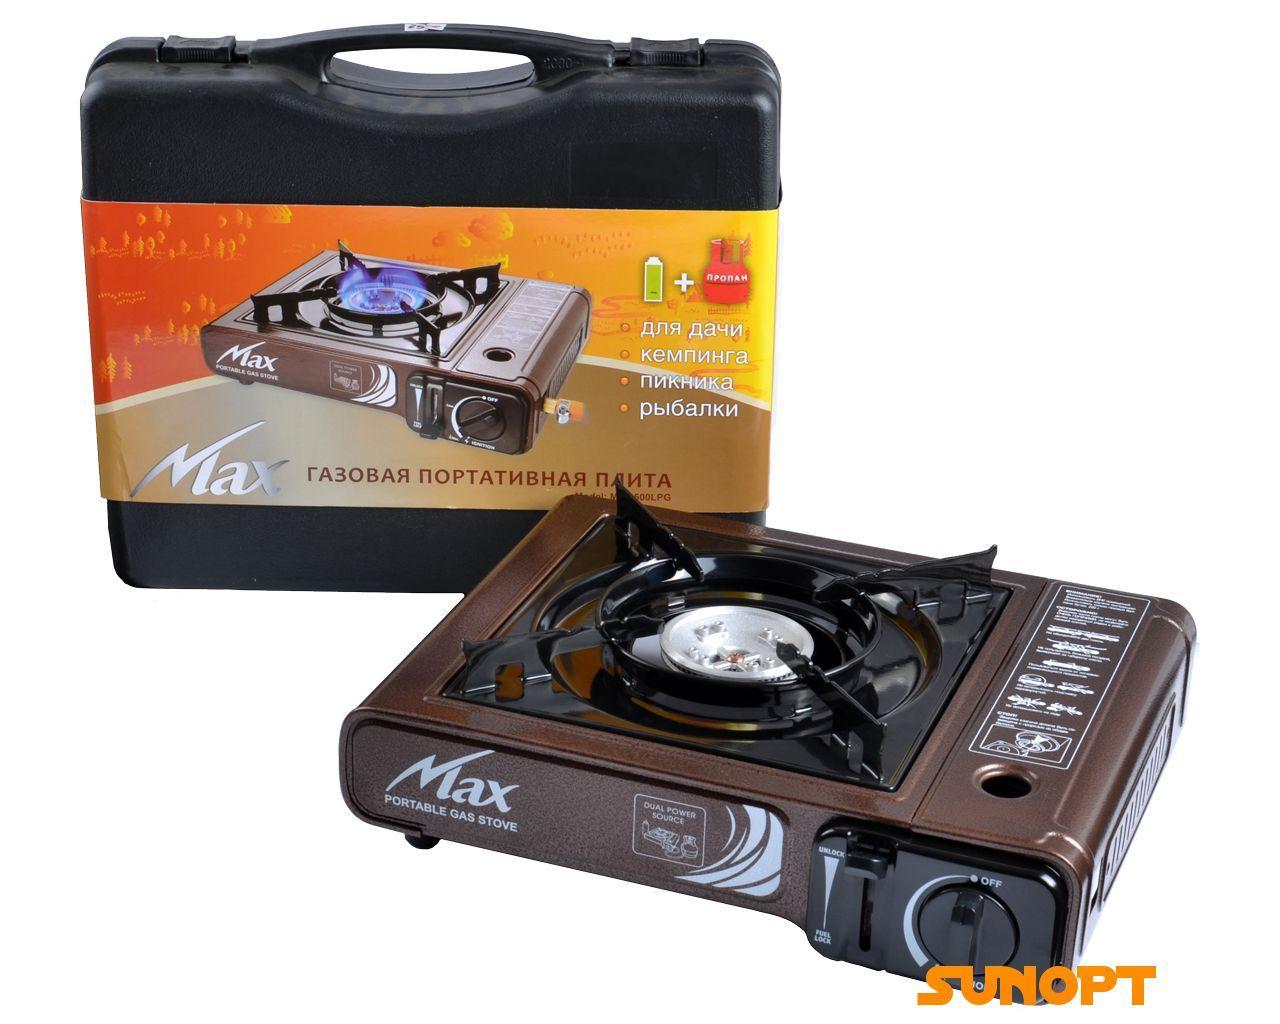 Газовая Портативная Плита MS-2500LPG (Корея, коричневая)